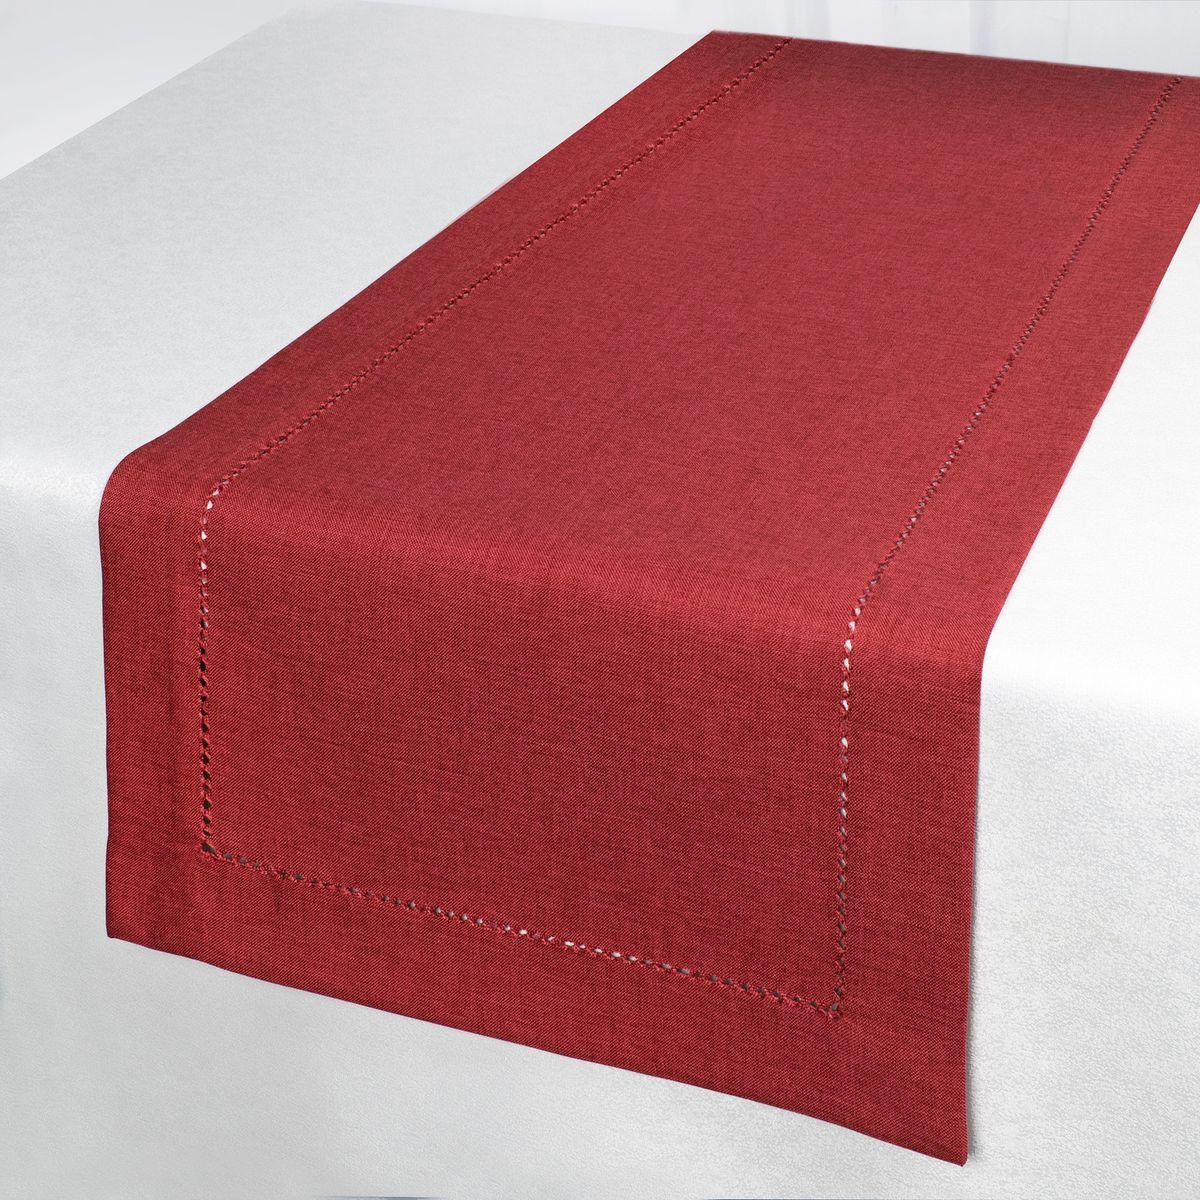 Дорожка для декорирования стола Schaefer, 40 x 140 см, цвет: красный. 07601-21107601-211Дорожка для декорирования стола Schaefer может быть использована, как основной элемент, так и дополнение для создания уюта и романтического настроения.Дорожка выполнена из полиэстера. Изделие легко стирать: оно не мнется, не садится и быстро сохнет, более долговечно, чем изделие из натуральных волокон.Материал: 100% полиэстер.Размер: 40 x 140 см.